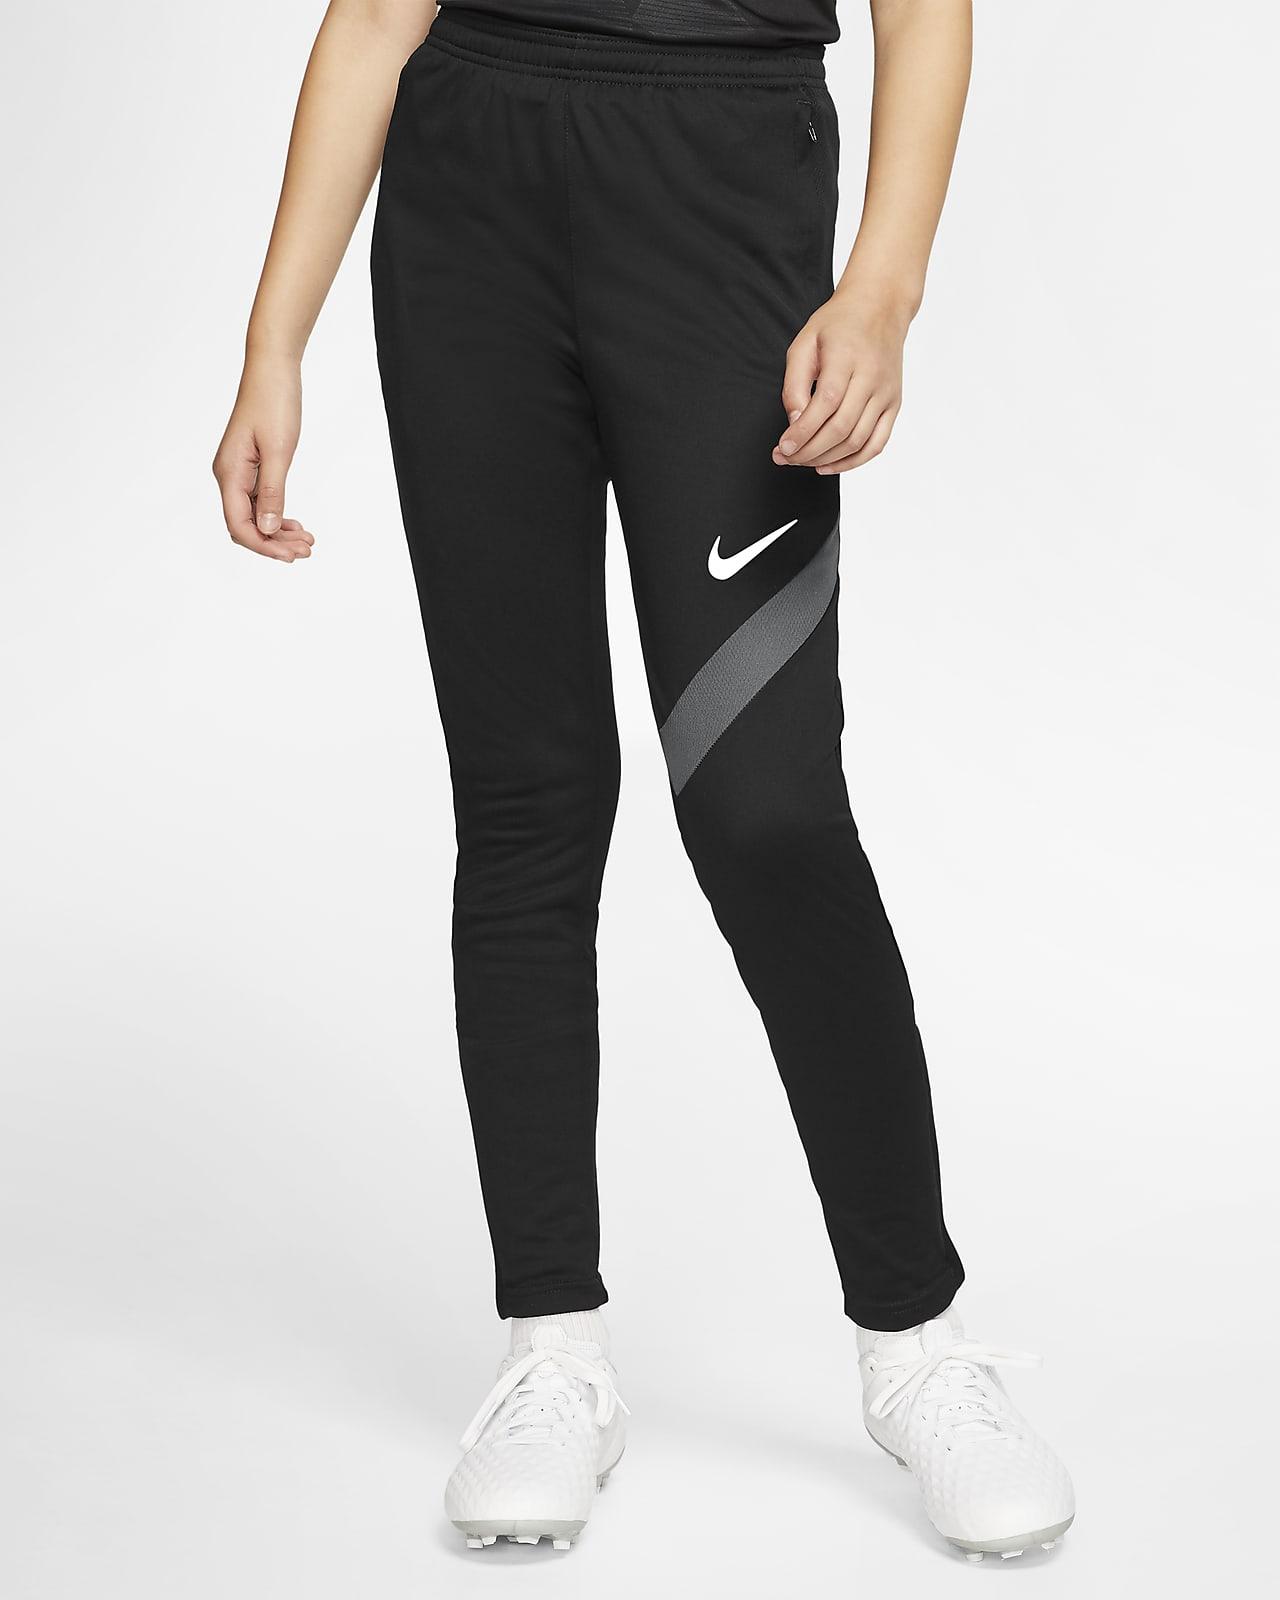 Pantalones de fútbol para niños talla grande Nike Dri-FIT Academy Pro